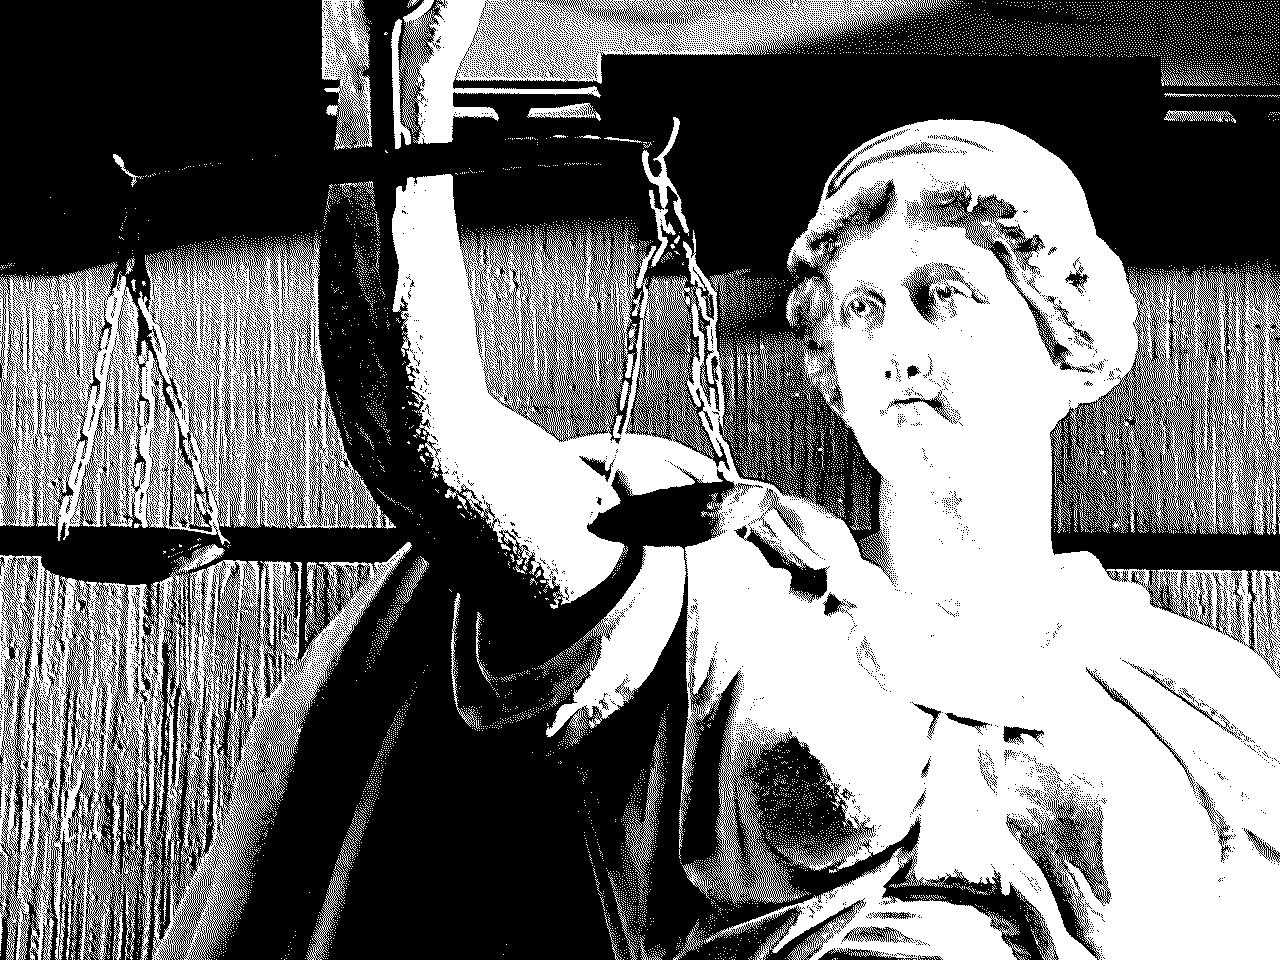 27 WDR_pixabay justitia-421805_1280_schwarzweiß